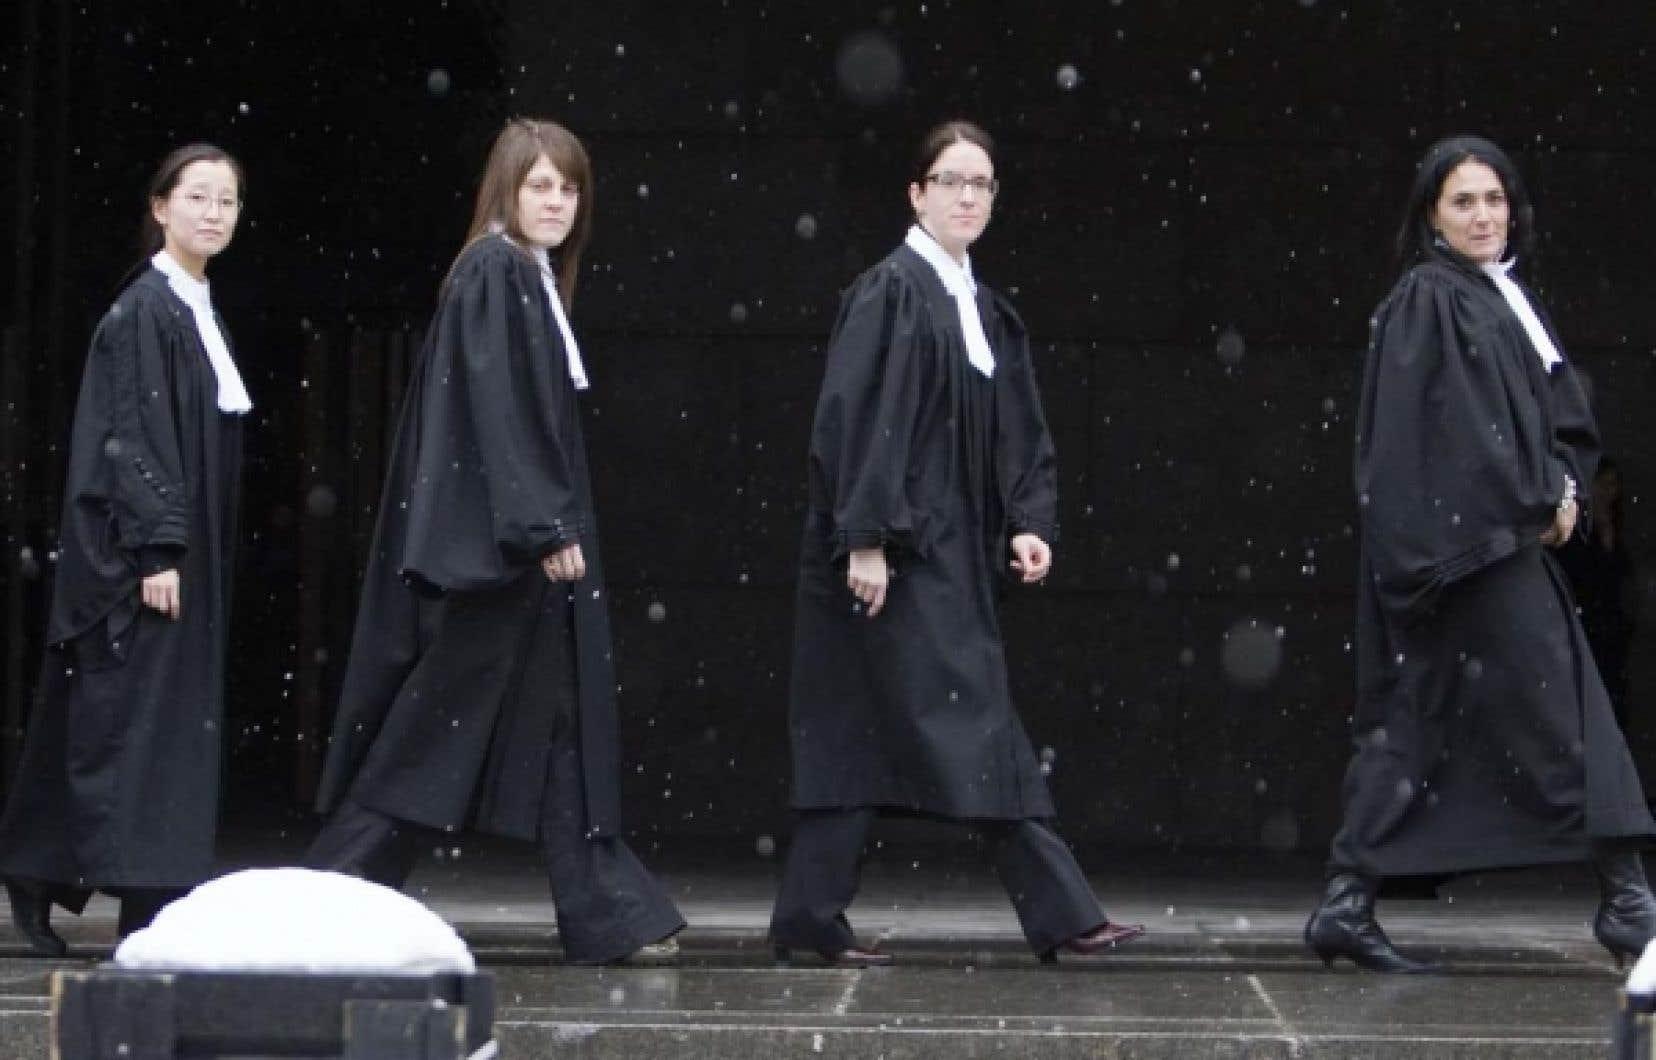 Les procureurs québécois exigent un rattrapage salarial de 40%, ce qui représente, selon eux, l'écart qui les sépare de leurs collègues du reste du pays.